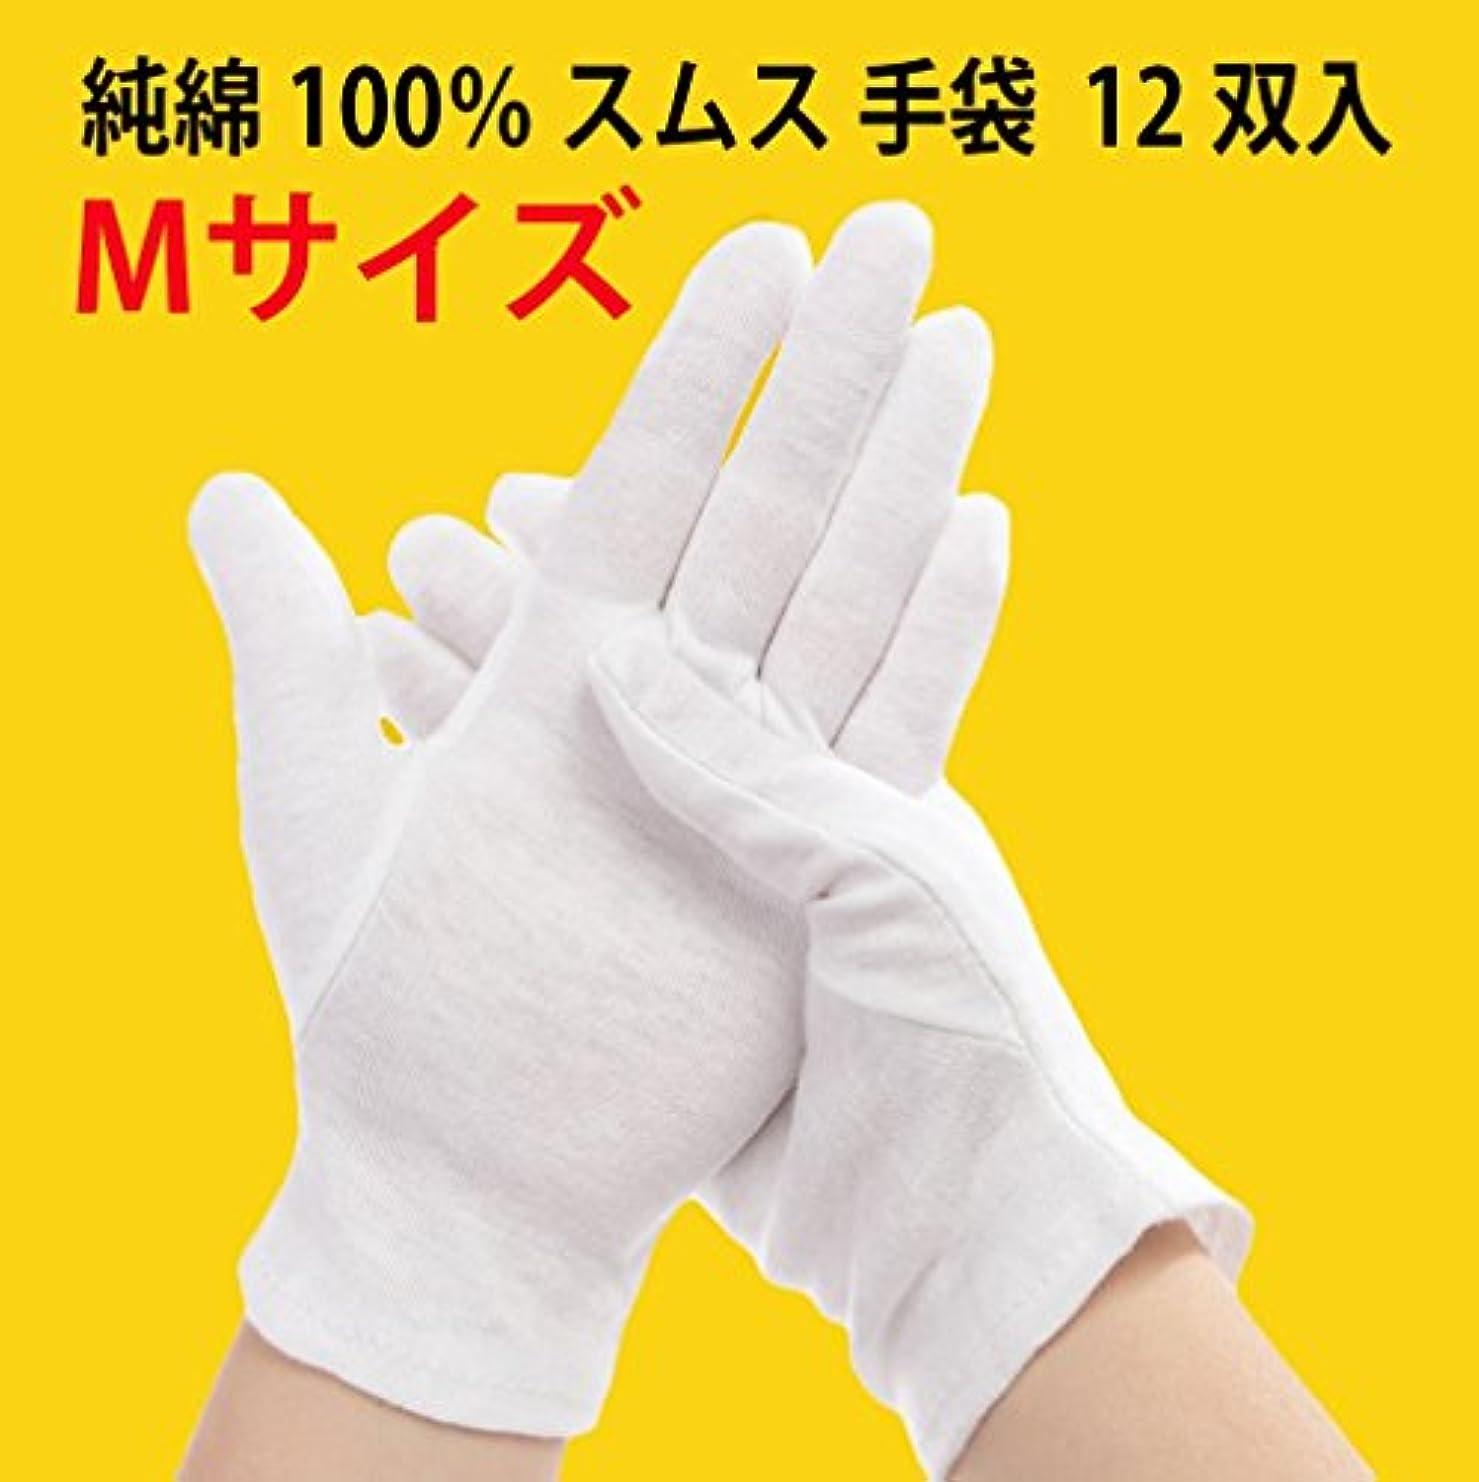 いうステーキ解凍する、雪解け、霜解け純綿100% スムス 手袋 Mサイズ 12双 多用途 101115